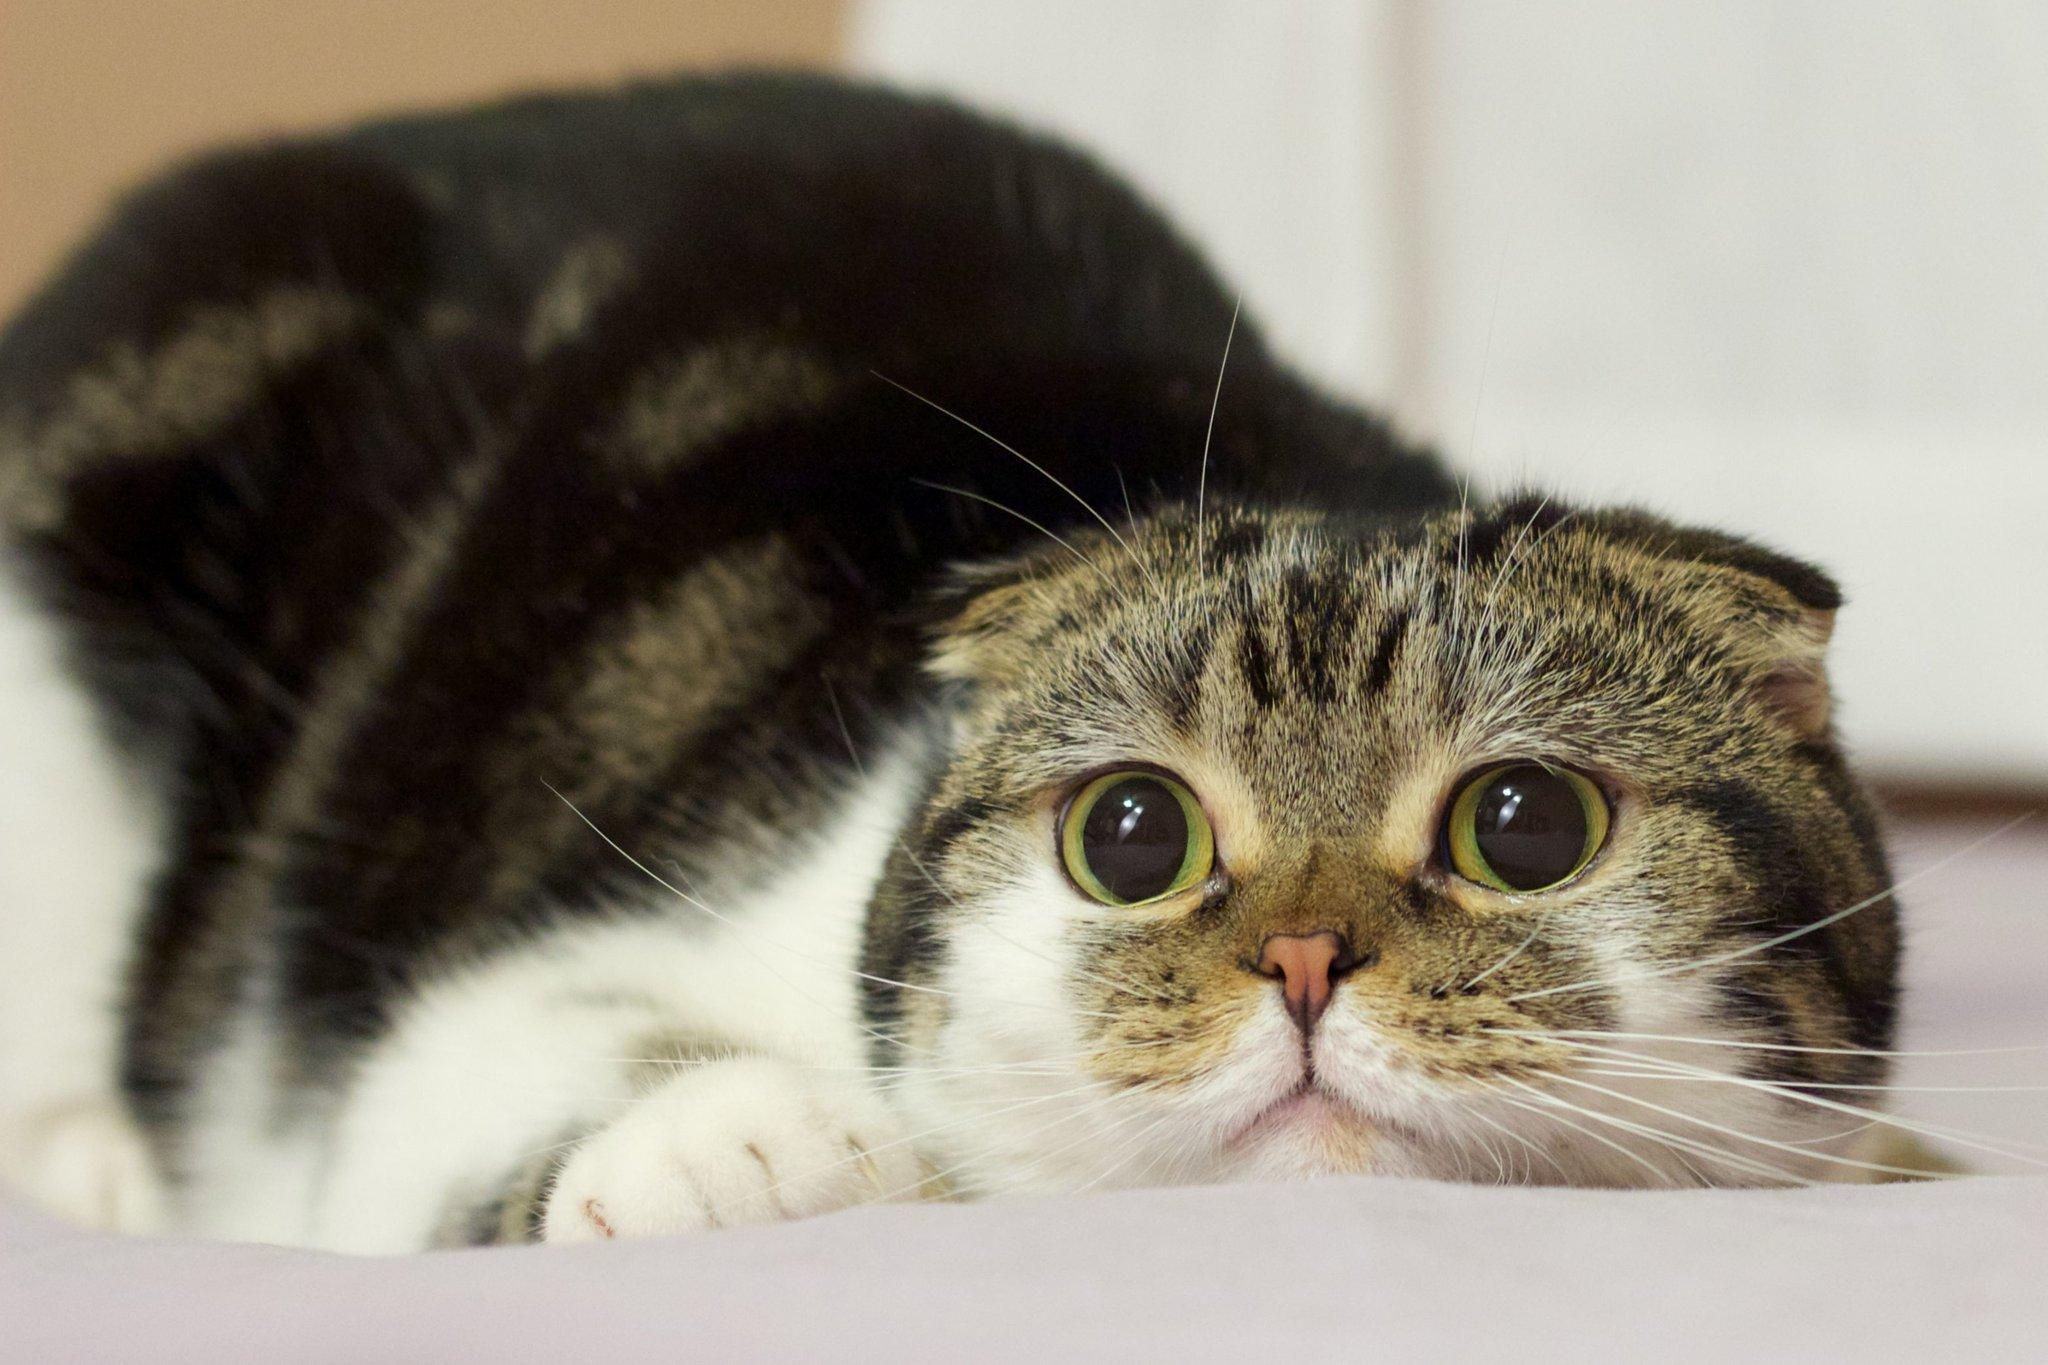 Картинки кошек смешно, кбр анимированные